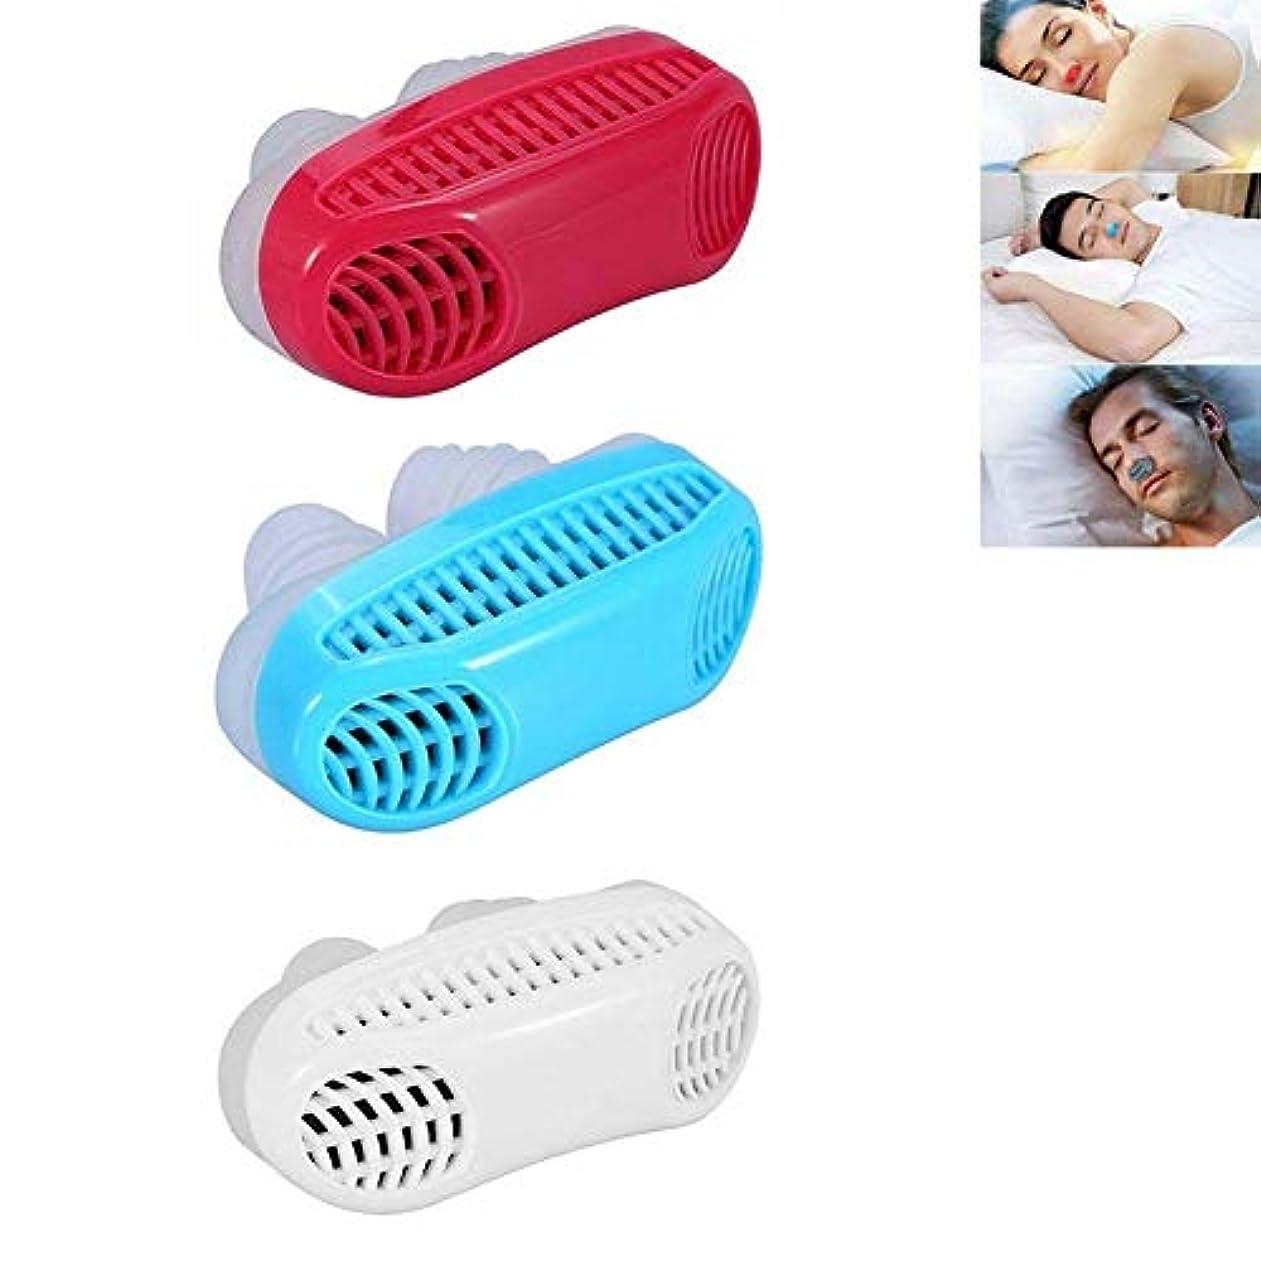 女優枯れるブロンズ3ピース安全ないびきエイズポータブルシリコーン抗いびき空気清浄機鼻いびきストップクリップ2-in-1健康睡眠ツール